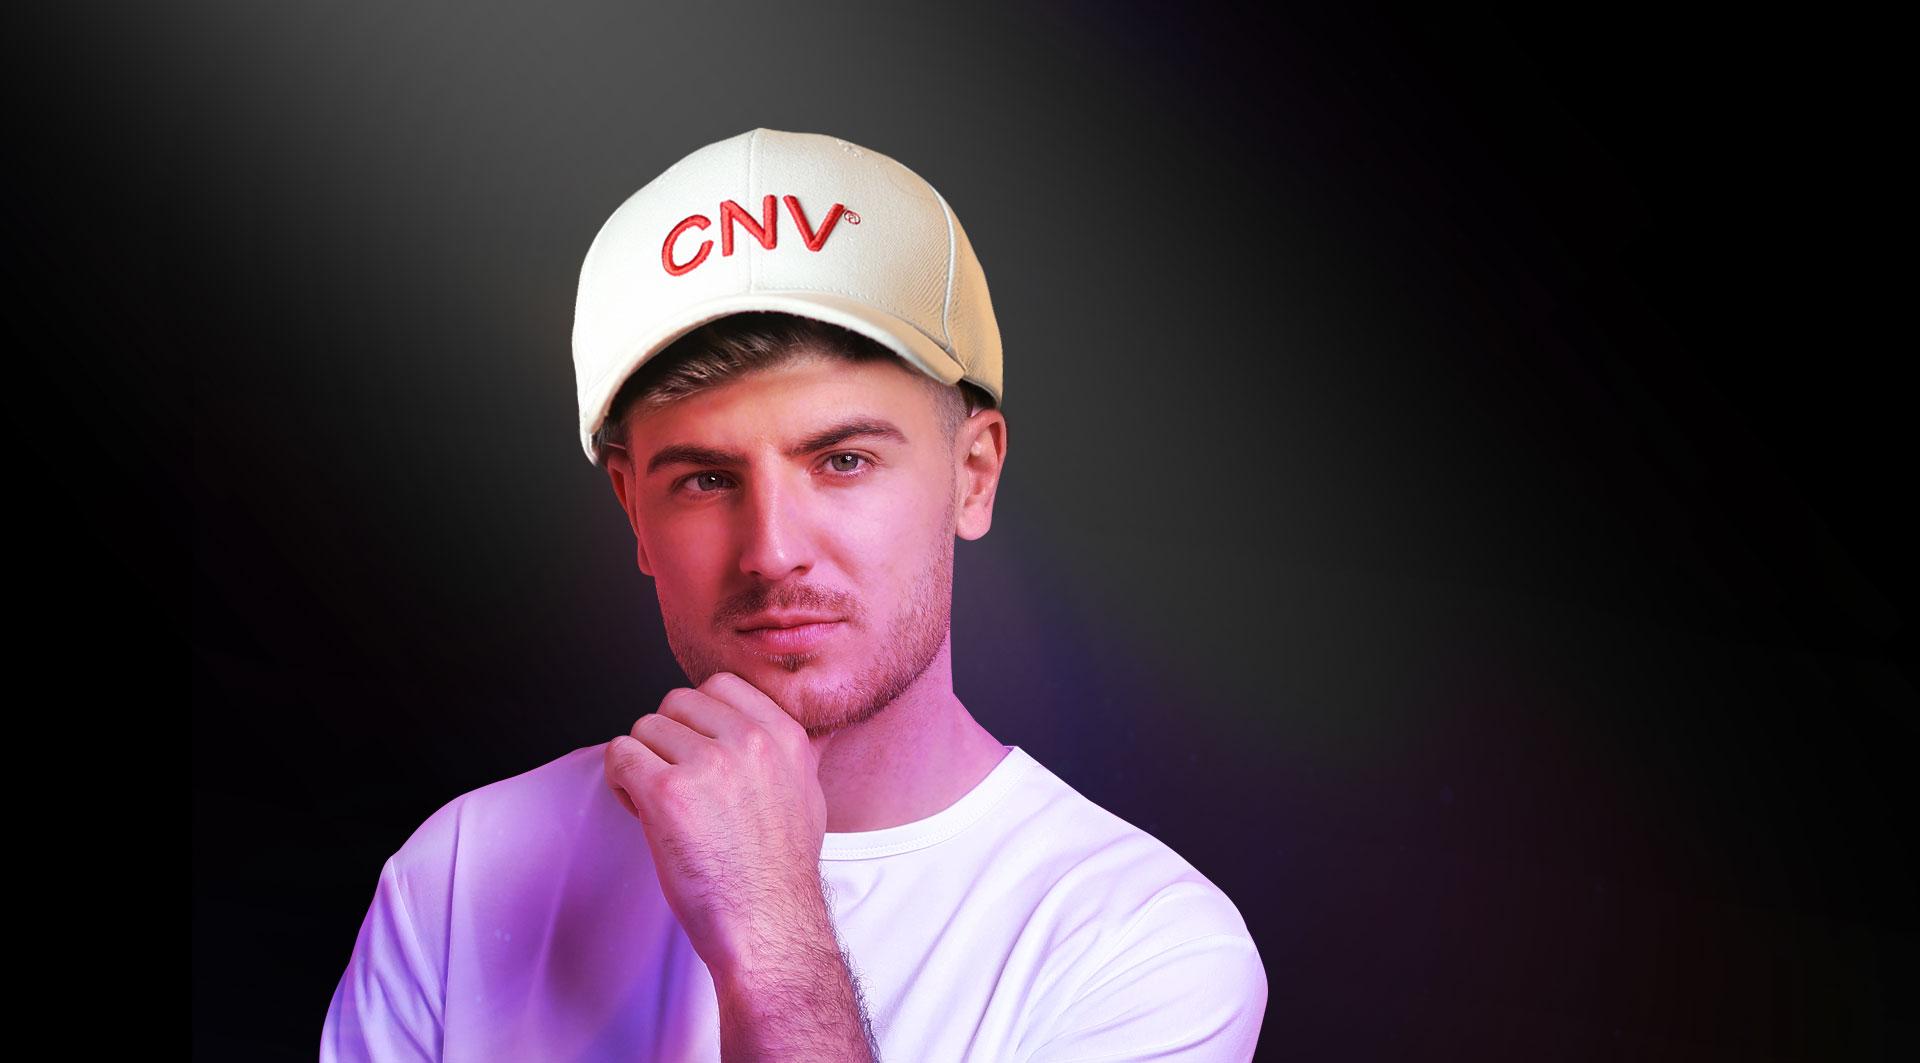 하얀 CNV 168 의료용 레이저 치료 레이저 탈모 발모 캡남자와 여자 탈모 치료